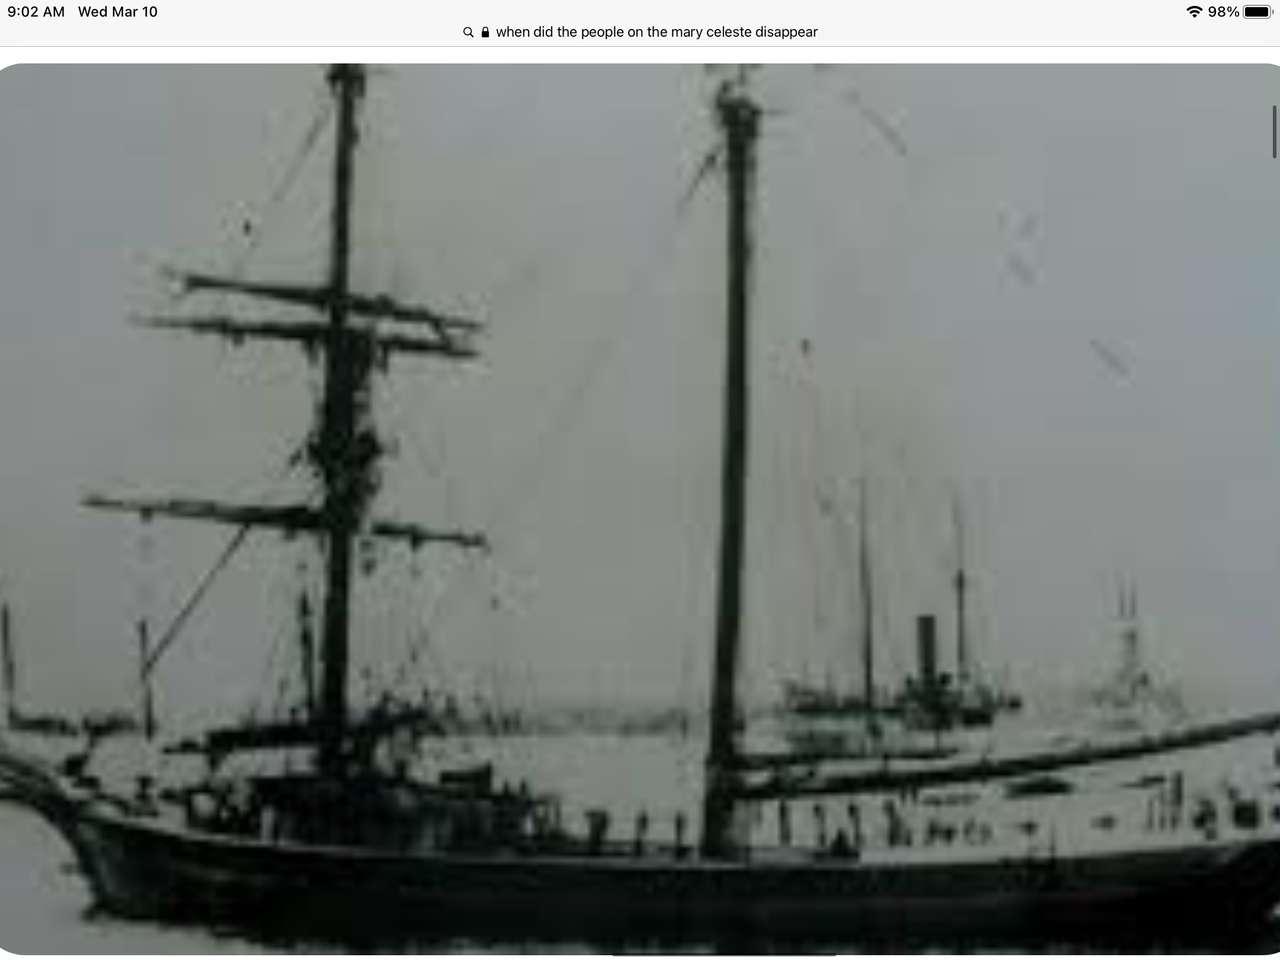 Mary Celeste.